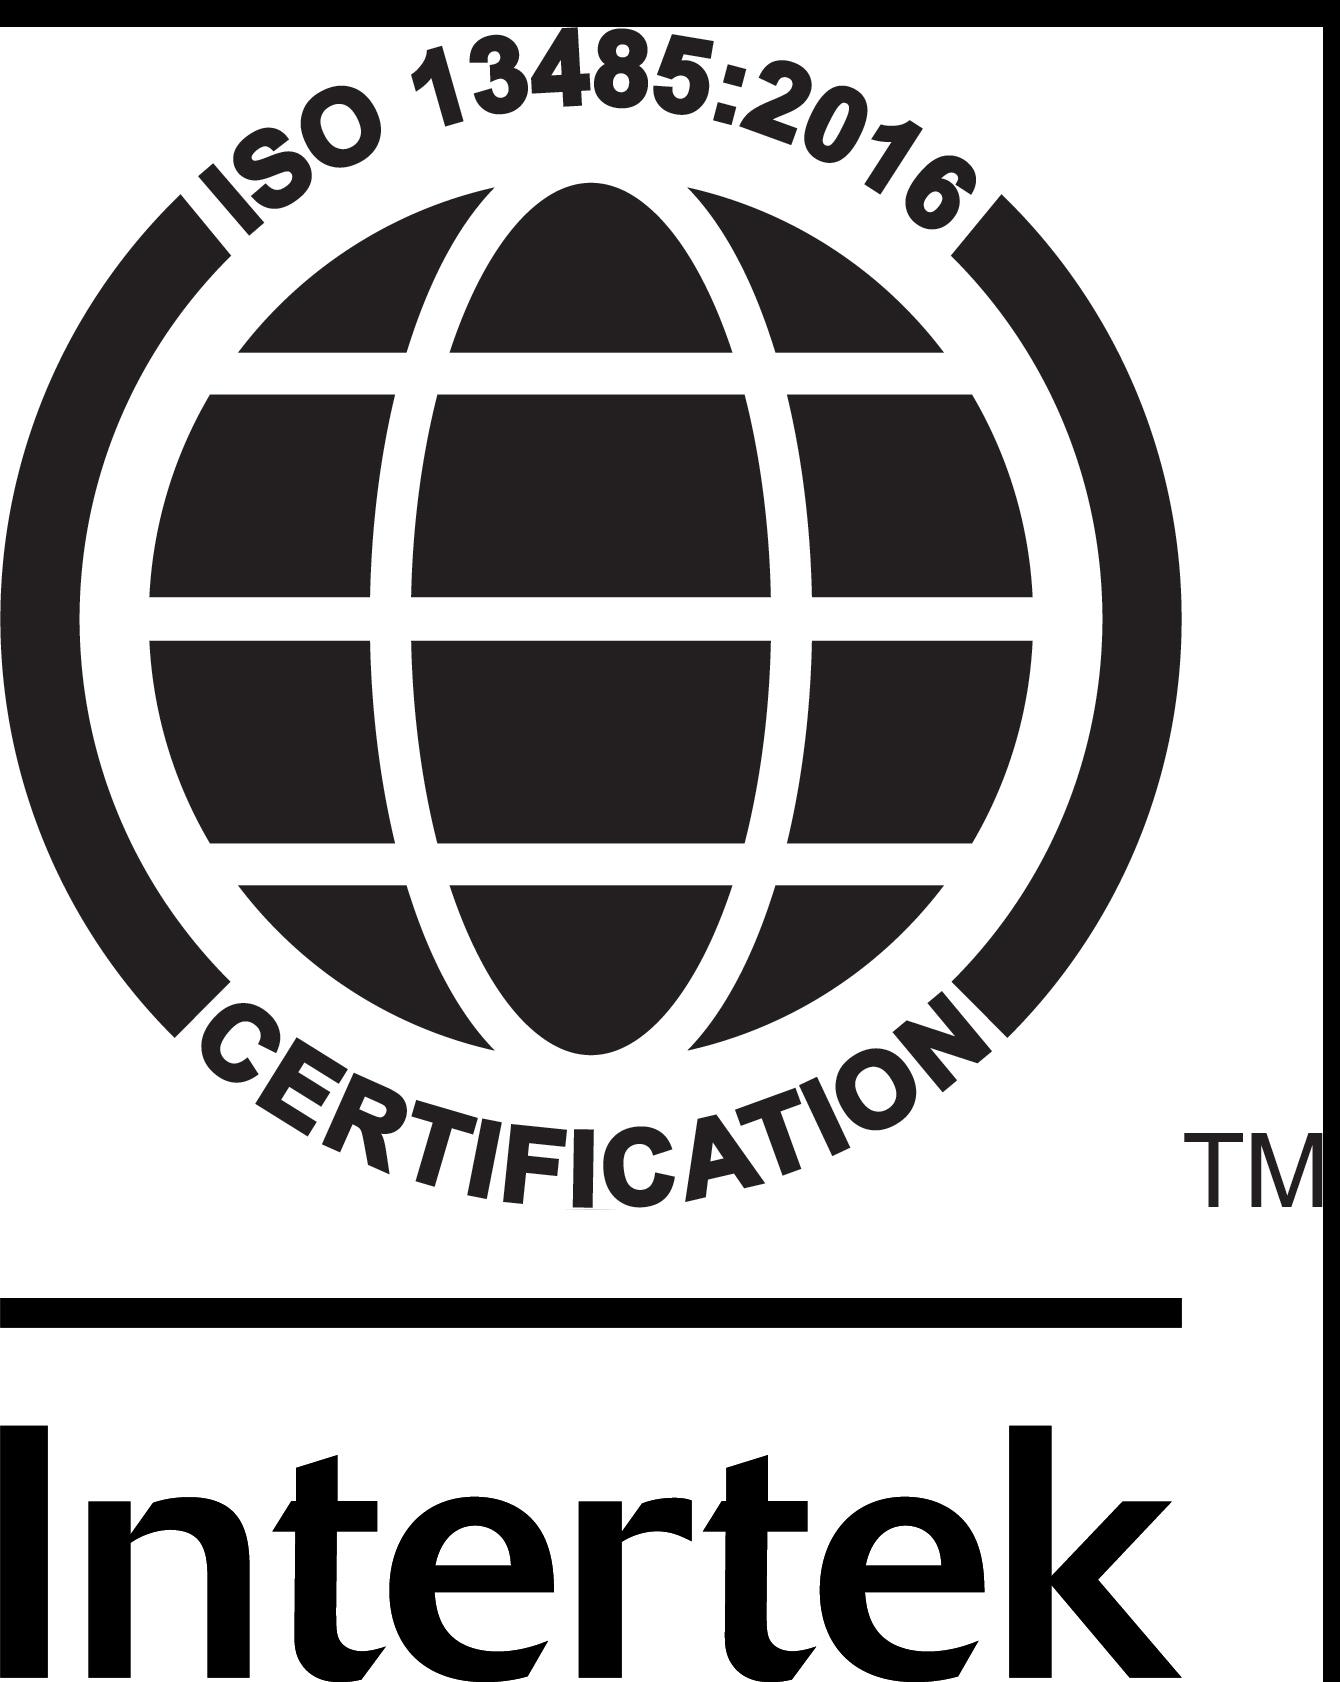 Domrex Pharma ISO 13485 2016